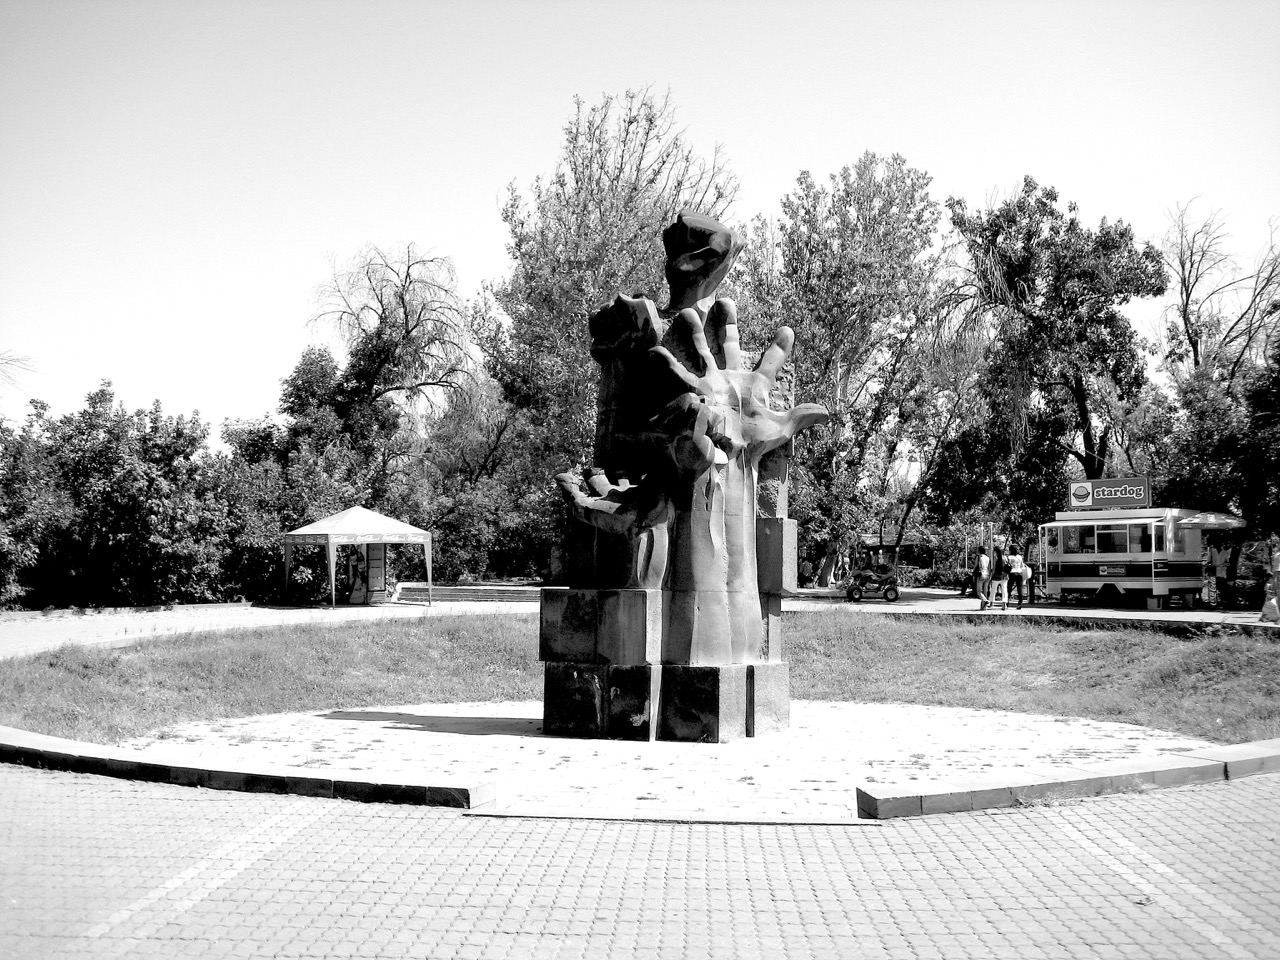 Foto: Hand. Aus: Eriwan. Kapitel 5. Aufzeichnungen aus Armenien von Marc Degens.